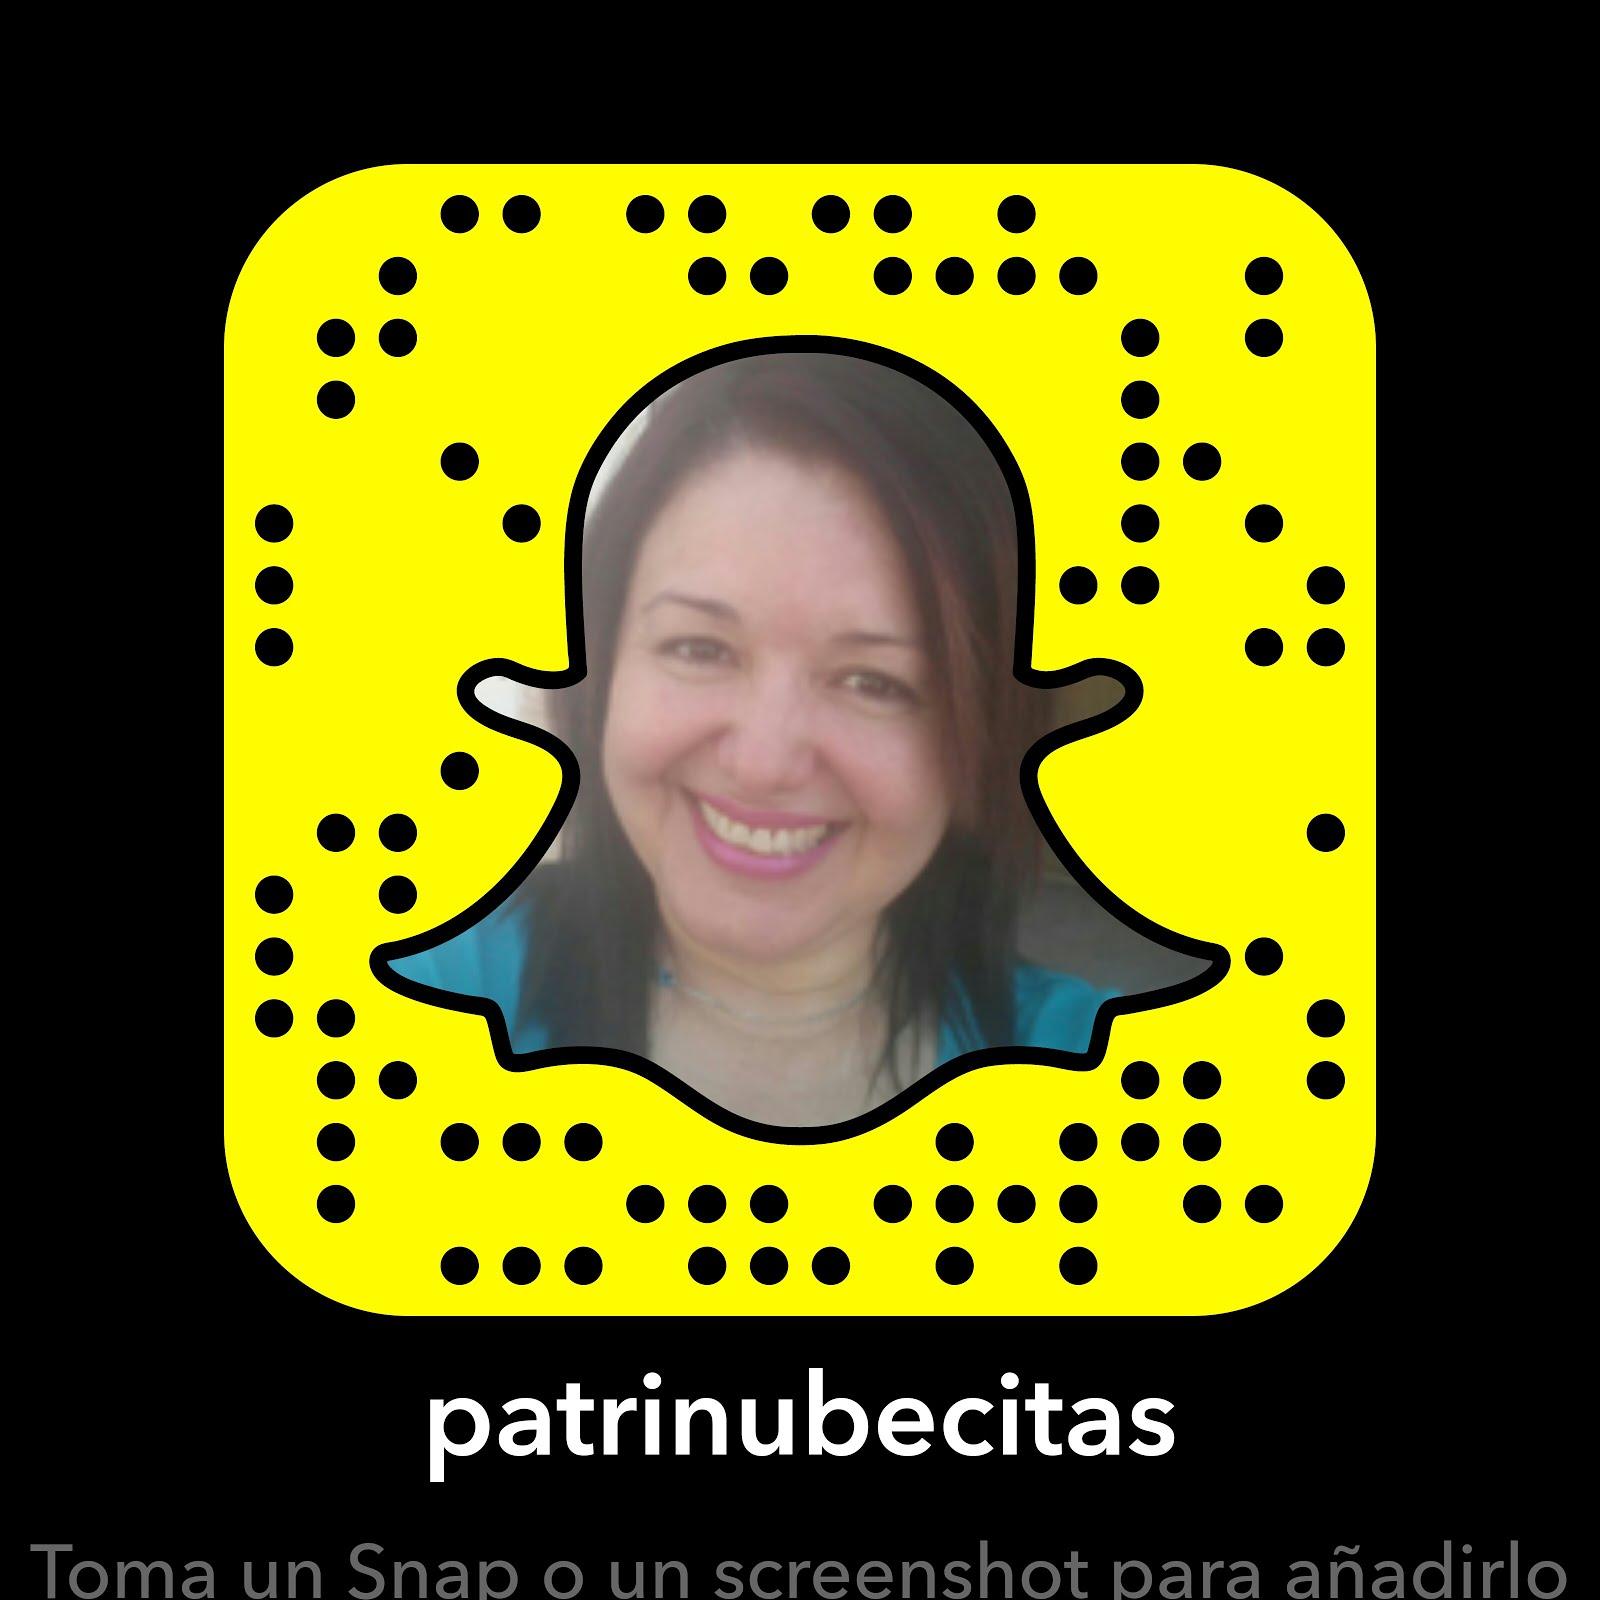 En Snapchat